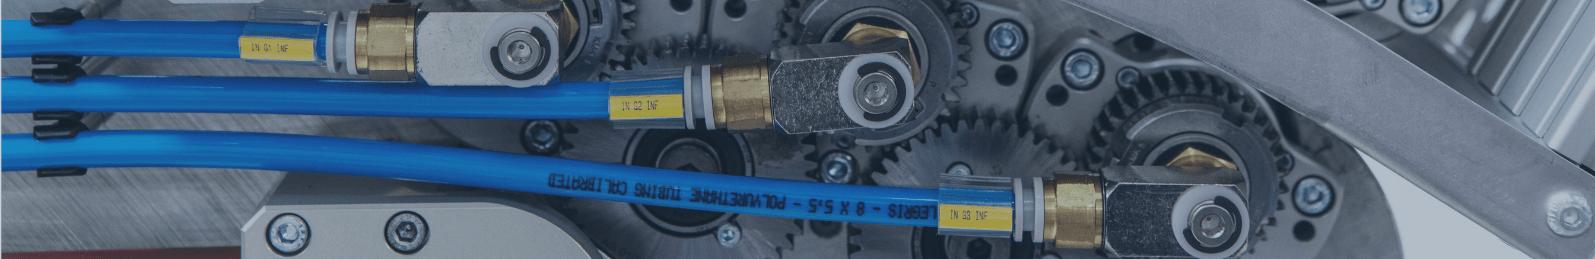 détail de machines par SEMO